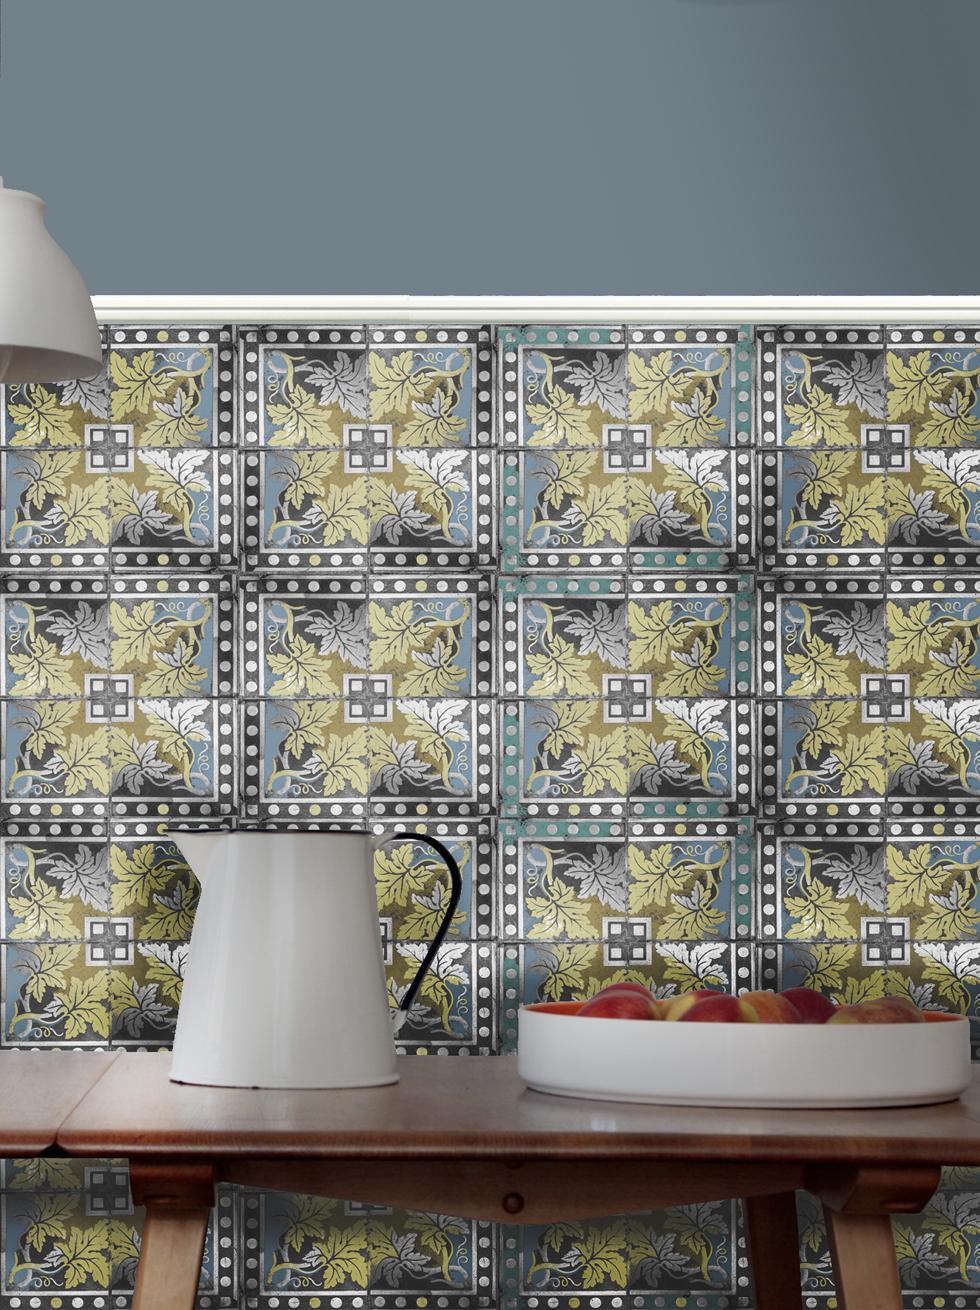 Sélection de papiers-peints en trompe-l'œil    Papiers-peints Louise Body - collection Paper tiles